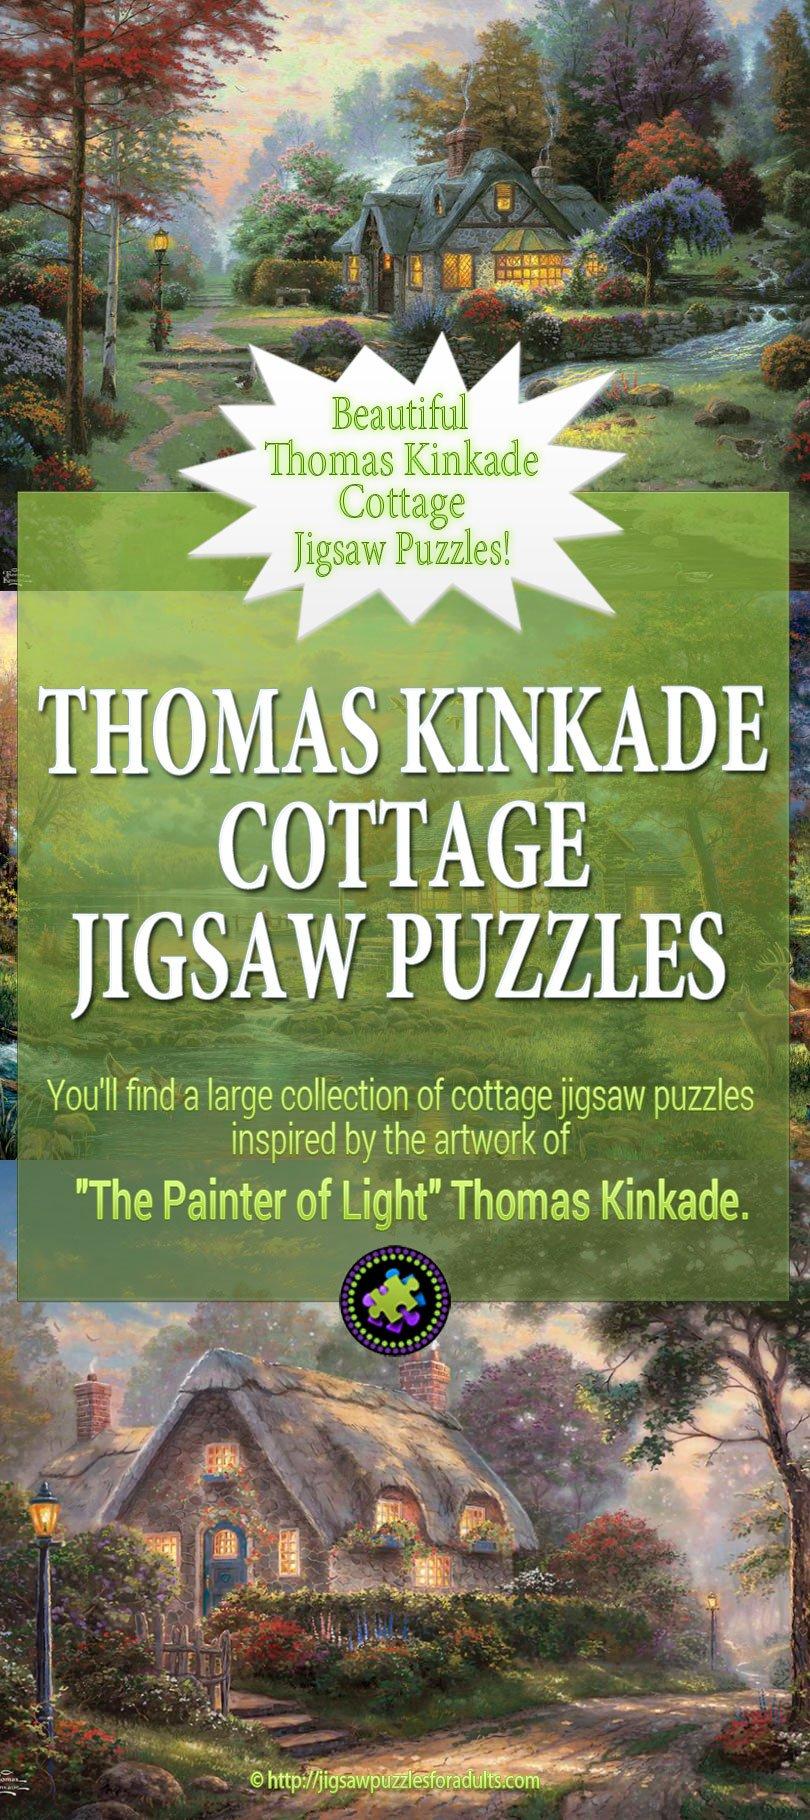 Thomas Kinkade Cottage Puzzles